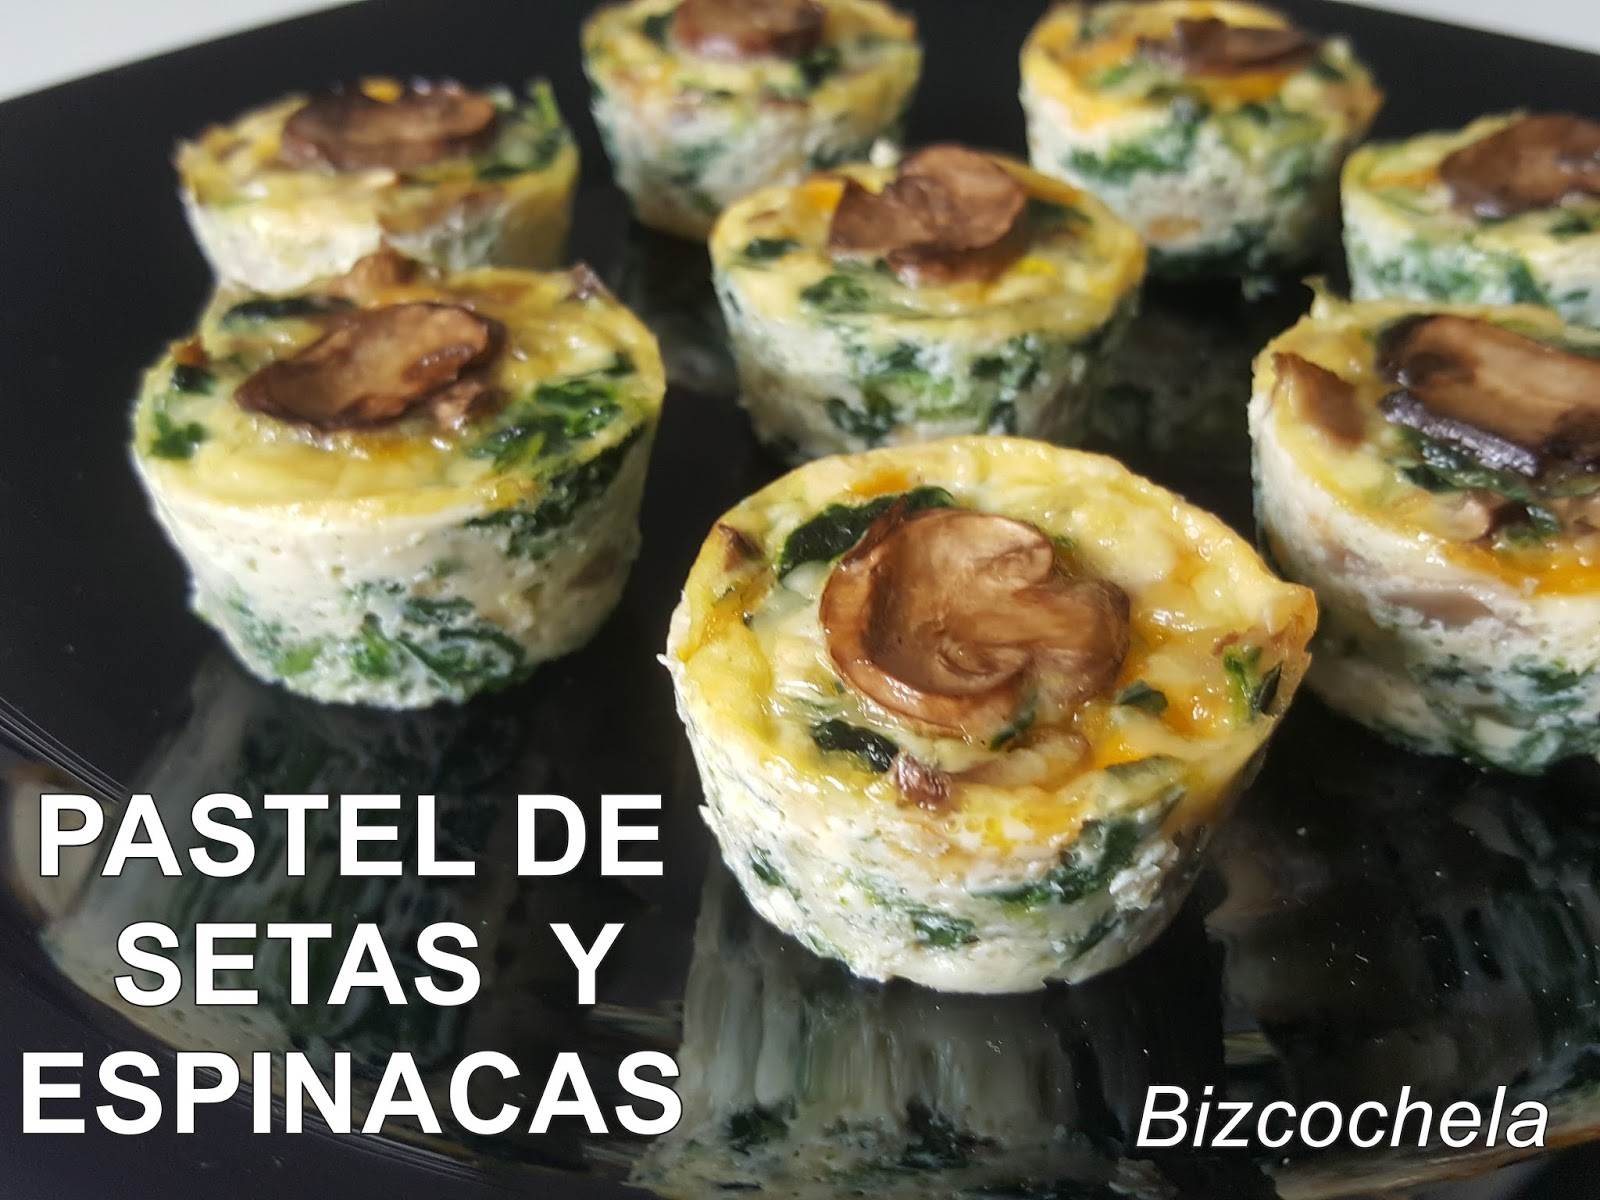 Pastel de setas y espinacas for Cocinar espinacas